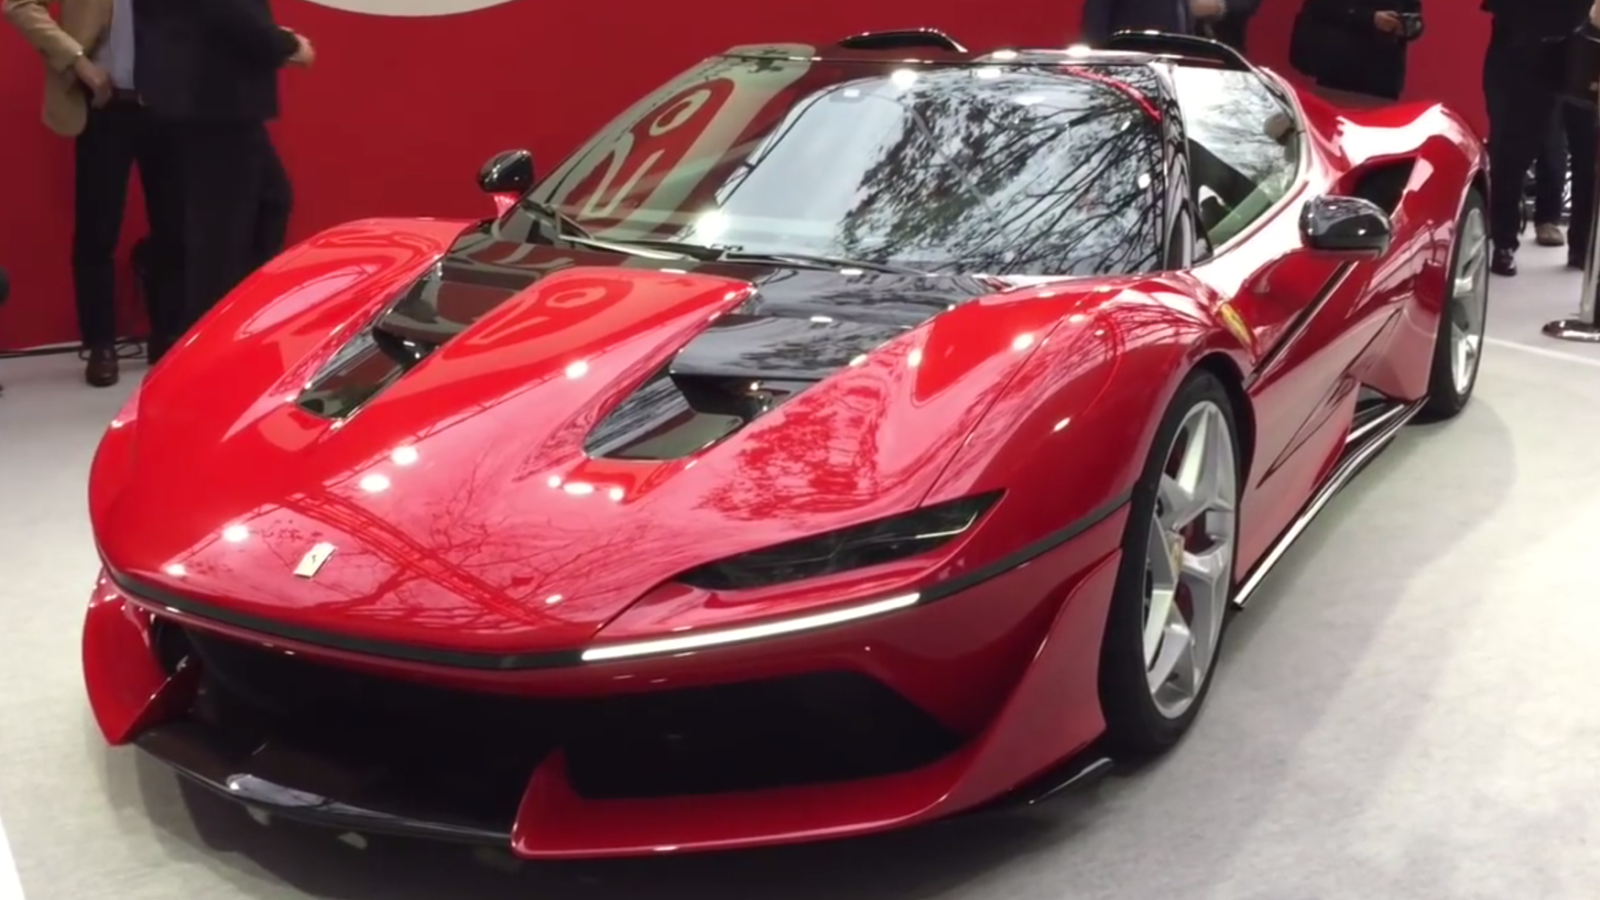 Ferrari 488 J50 hot cars are intimidating